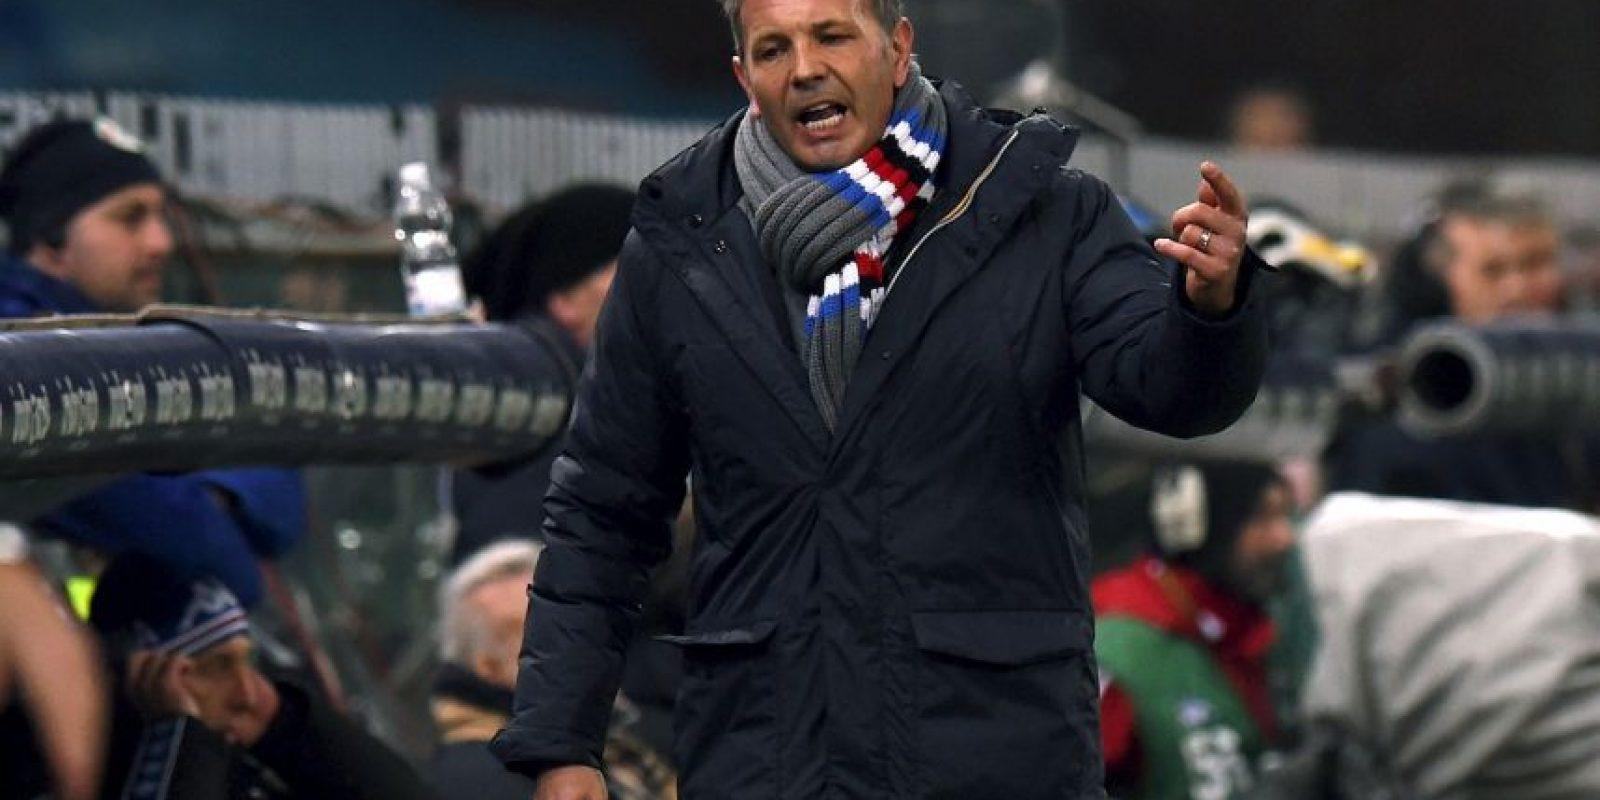 El ahora DT de Sampdoria marcó 28 goles de tiro libre Foto:Getty Images